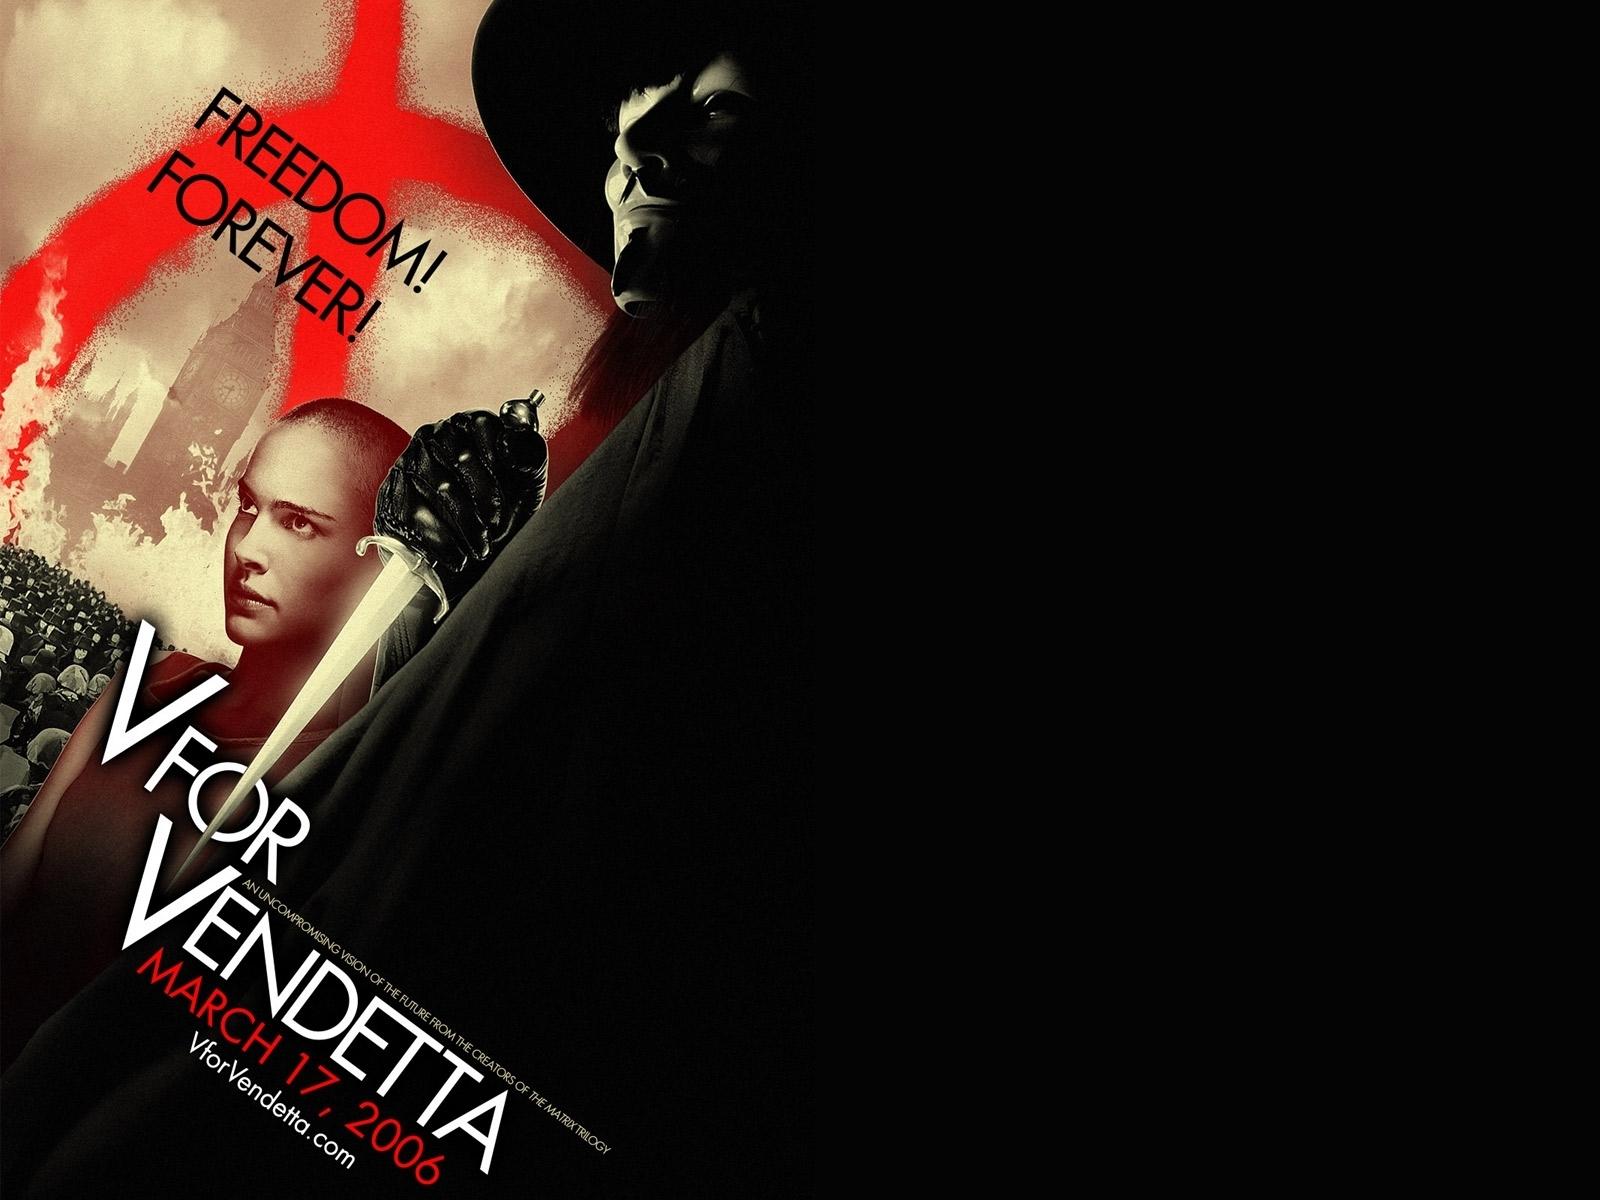 for Vendetta   V for Vendetta Wallpaper 16301749 1600x1200